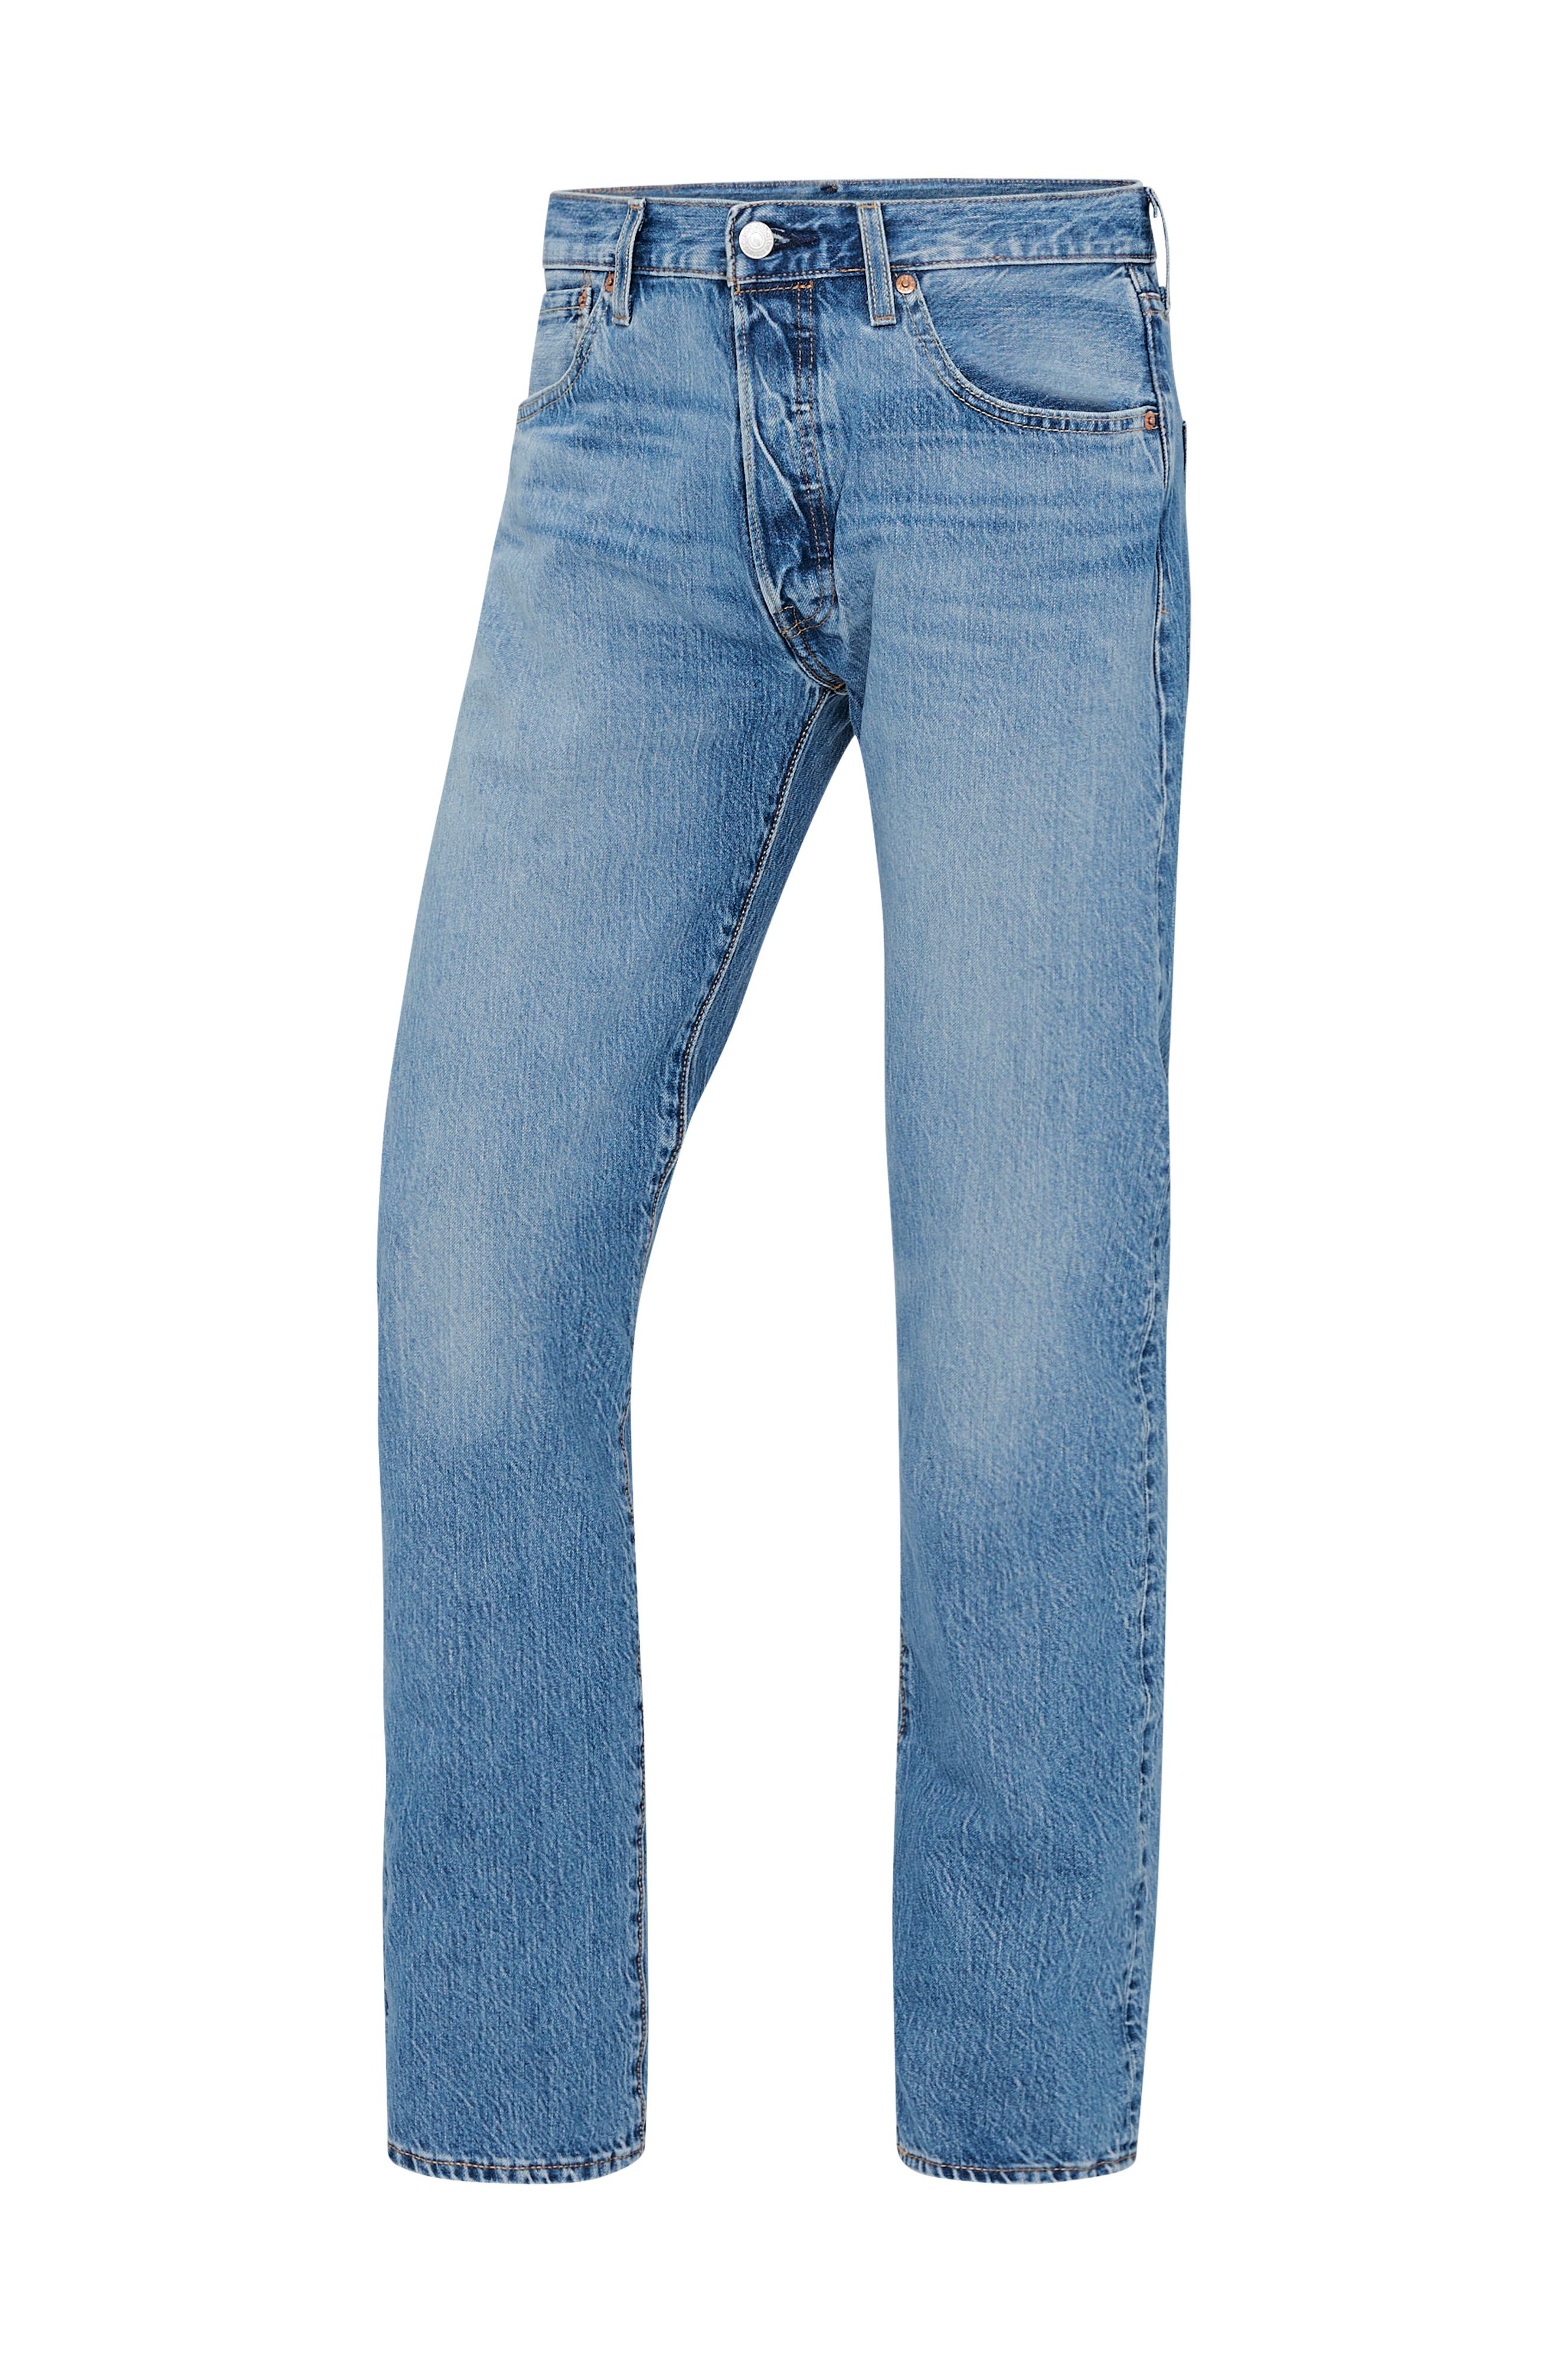 Levi's Jeans 501 Stretch Extensible Blå Stretch Ellos.no